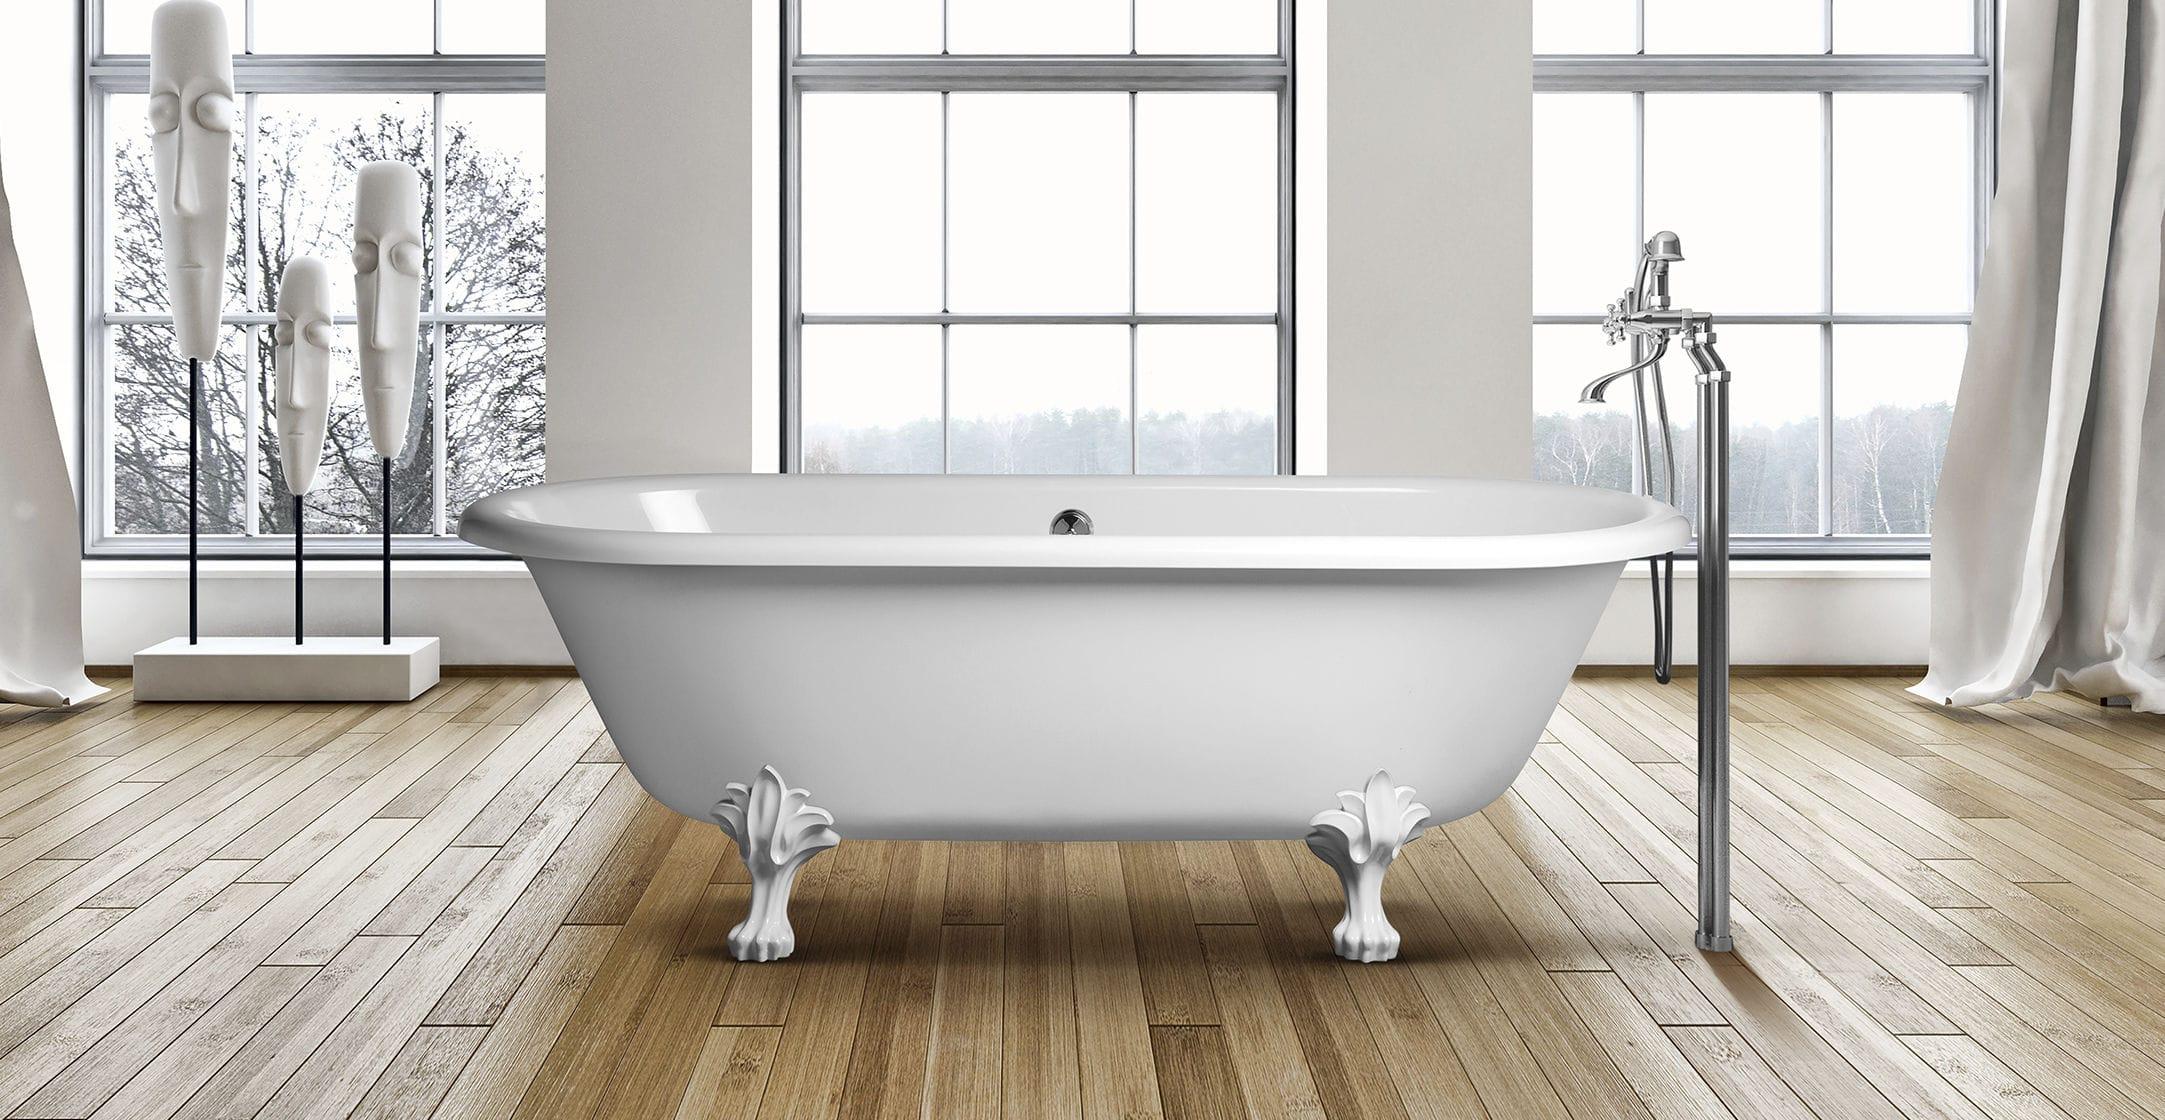 Vasca Da Bagno Retro : Vasca da bagno su piedi ovale in composito in acrilico retro